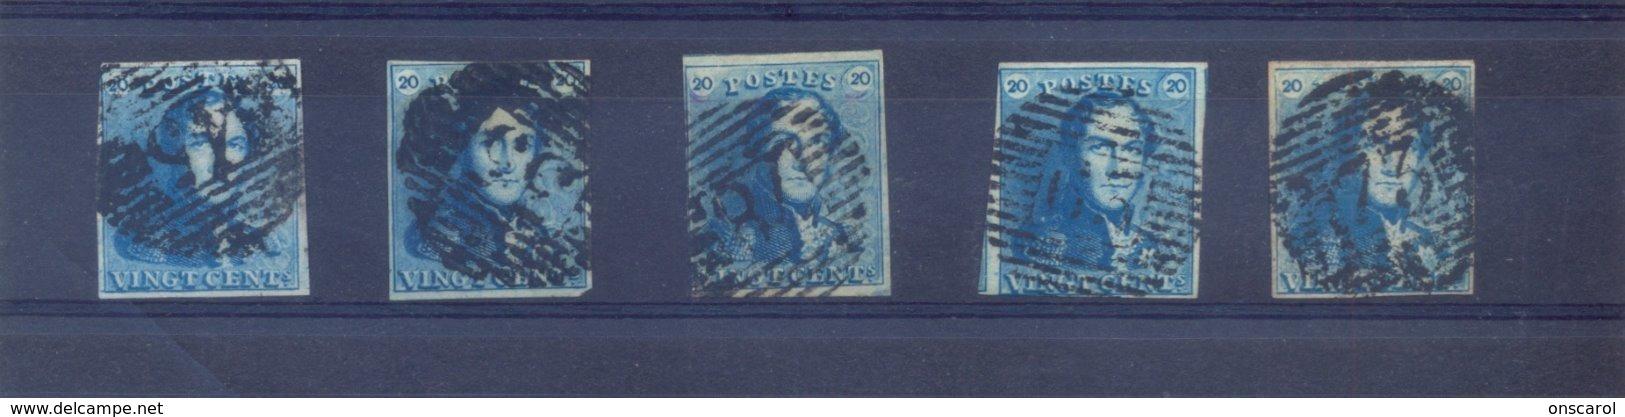 5 Epauletten Gestempeld 20 Ct - 1849 Schulterklappen